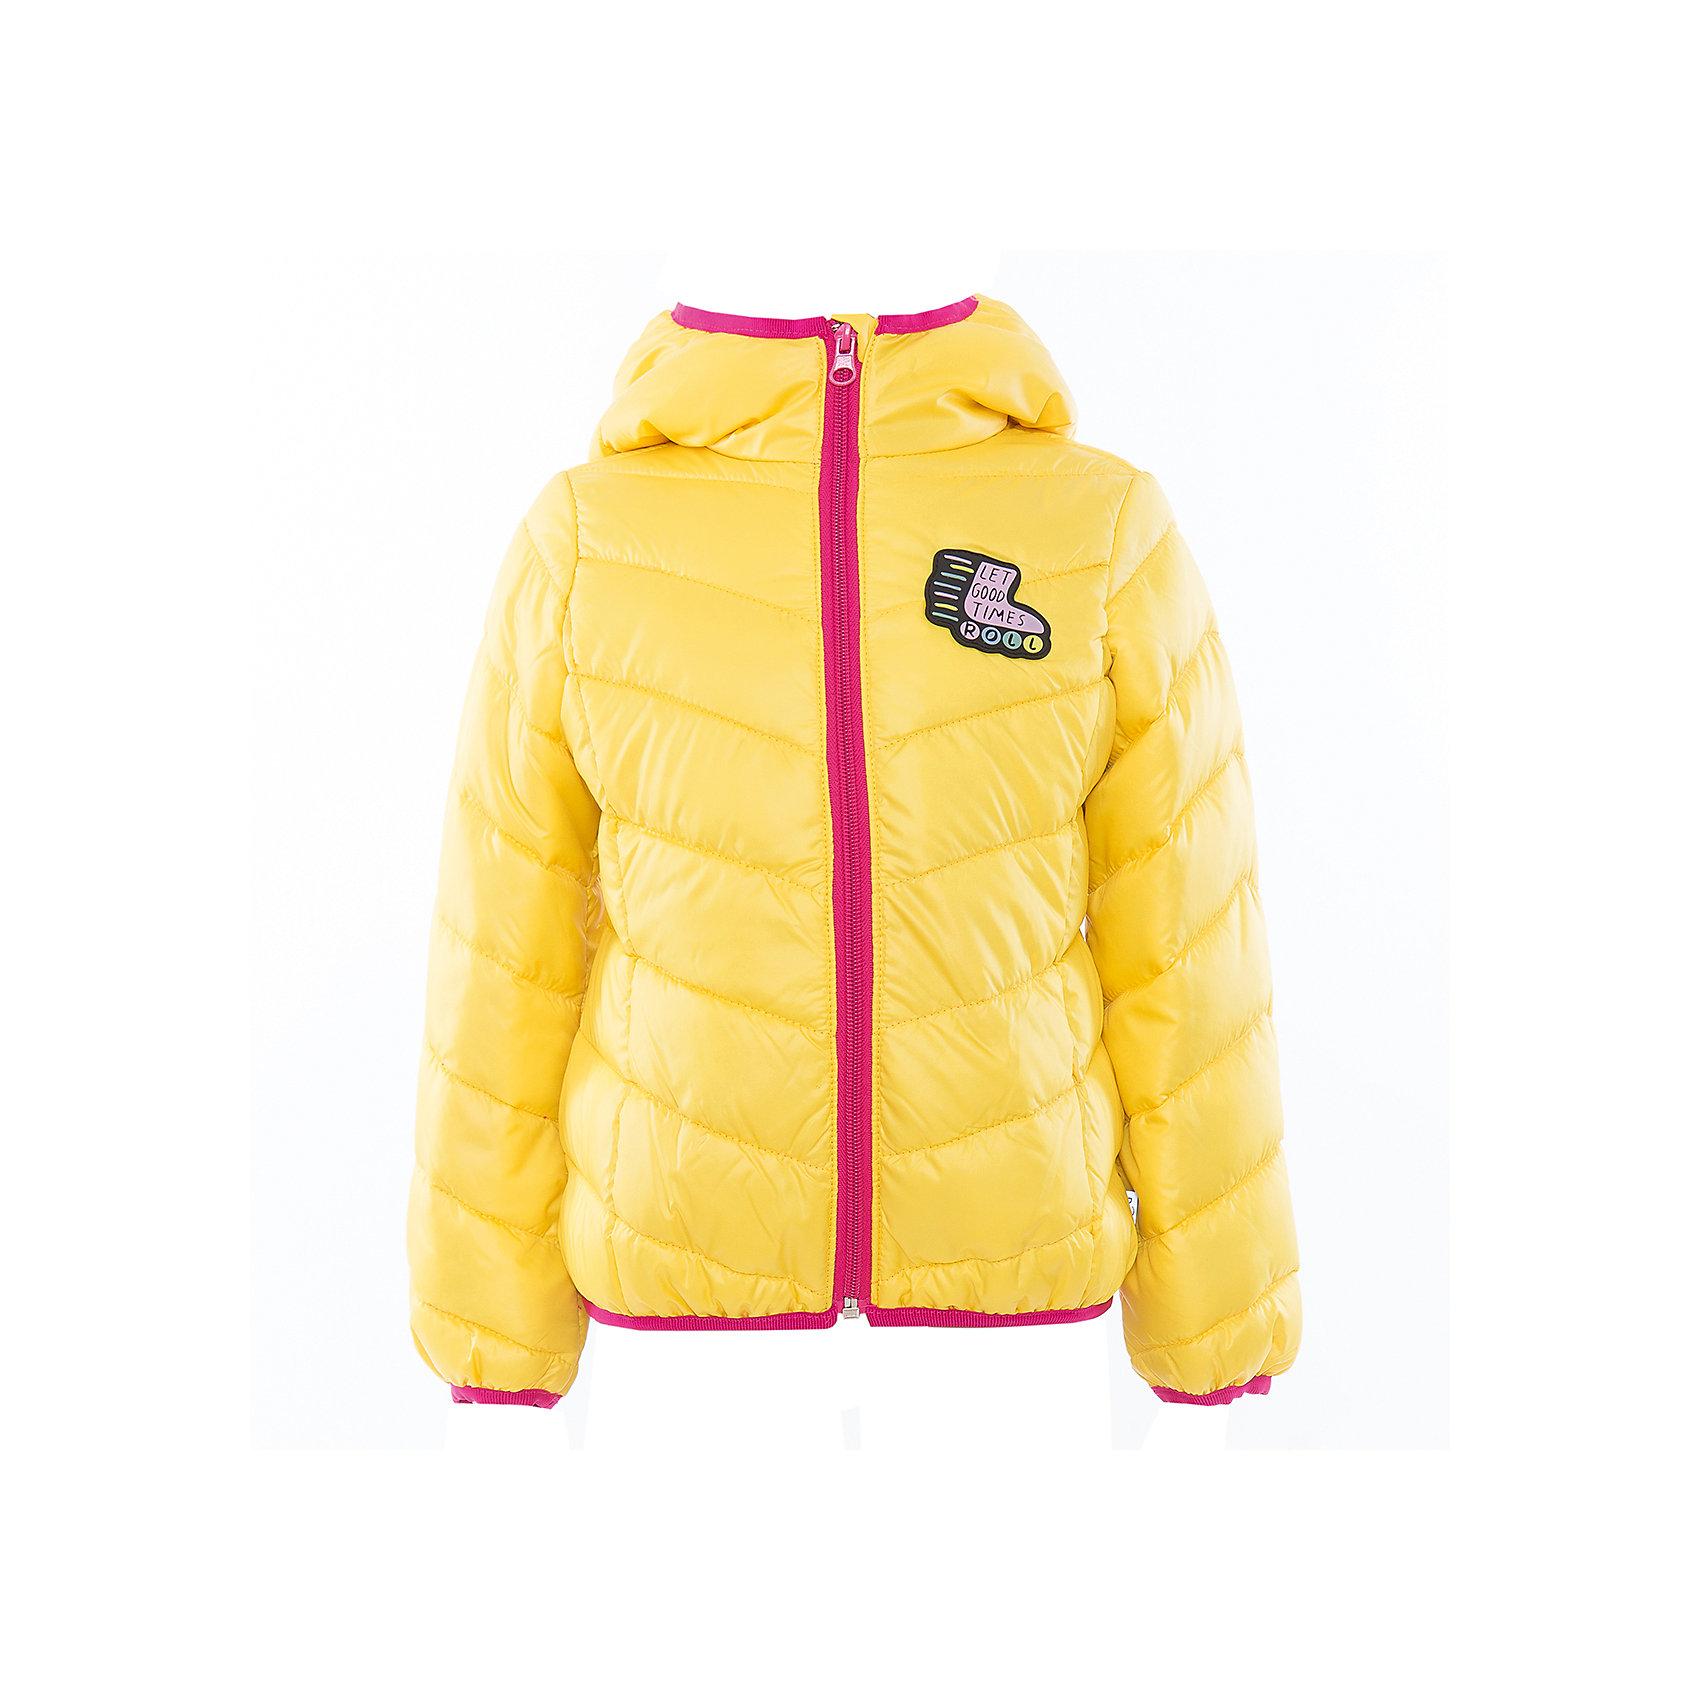 Куртка для девочки BOOM by OrbyСицилия<br>Характеристики товара:<br><br>• цвет: желтый<br>• состав: 100% полиэстер<br>• верхняя ткань: Таффета oil cire PU<br>• подкладка: ПЭ пуходержащий<br>• наполнитель: Эко-синтепон 150 г/м2<br>• температурный режим: от +10°до 0°С<br>• прочный материал<br>• капюшон (не отстегивается)<br>• застежка - молния<br>• демисезонная<br>• стеганая<br>• декорирована нашивкой<br>• комфортная посадка<br>• страна производства: Российская Федерация<br>• страна бренда: Российская Федерация<br>• коллекция: весна-лето 2017<br><br>Одежда для детей должна быть особо комфортной! Такая курточка - отличный вариант для межсезонья с постоянно меняющейся погодой. Эта модель - модная и удобная одновременно! Изделие отличается стильным ярким дизайном. Куртка дополнена мягкой подкладкой. Вещь была разработана специально для детей.<br><br>Одежда от российского бренда BOOM by Orby уже завоевала популярностью у многих детей и их родителей. Вещи, выпускаемые компанией, качественные, продуманные и очень удобные. Для производства коллекций используются только безопасные для детей материалы. Спешите приобрести модели из новой коллекции Весна-лето 2017! <br><br>Куртку для девочки от бренда BOOM by Orby можно купить в нашем интернет-магазине.<br><br>Ширина мм: 356<br>Глубина мм: 10<br>Высота мм: 245<br>Вес г: 519<br>Цвет: желтый<br>Возраст от месяцев: 72<br>Возраст до месяцев: 84<br>Пол: Женский<br>Возраст: Детский<br>Размер: 122,158,104,110,98,116,128,134,140,146,152<br>SKU: 5342977